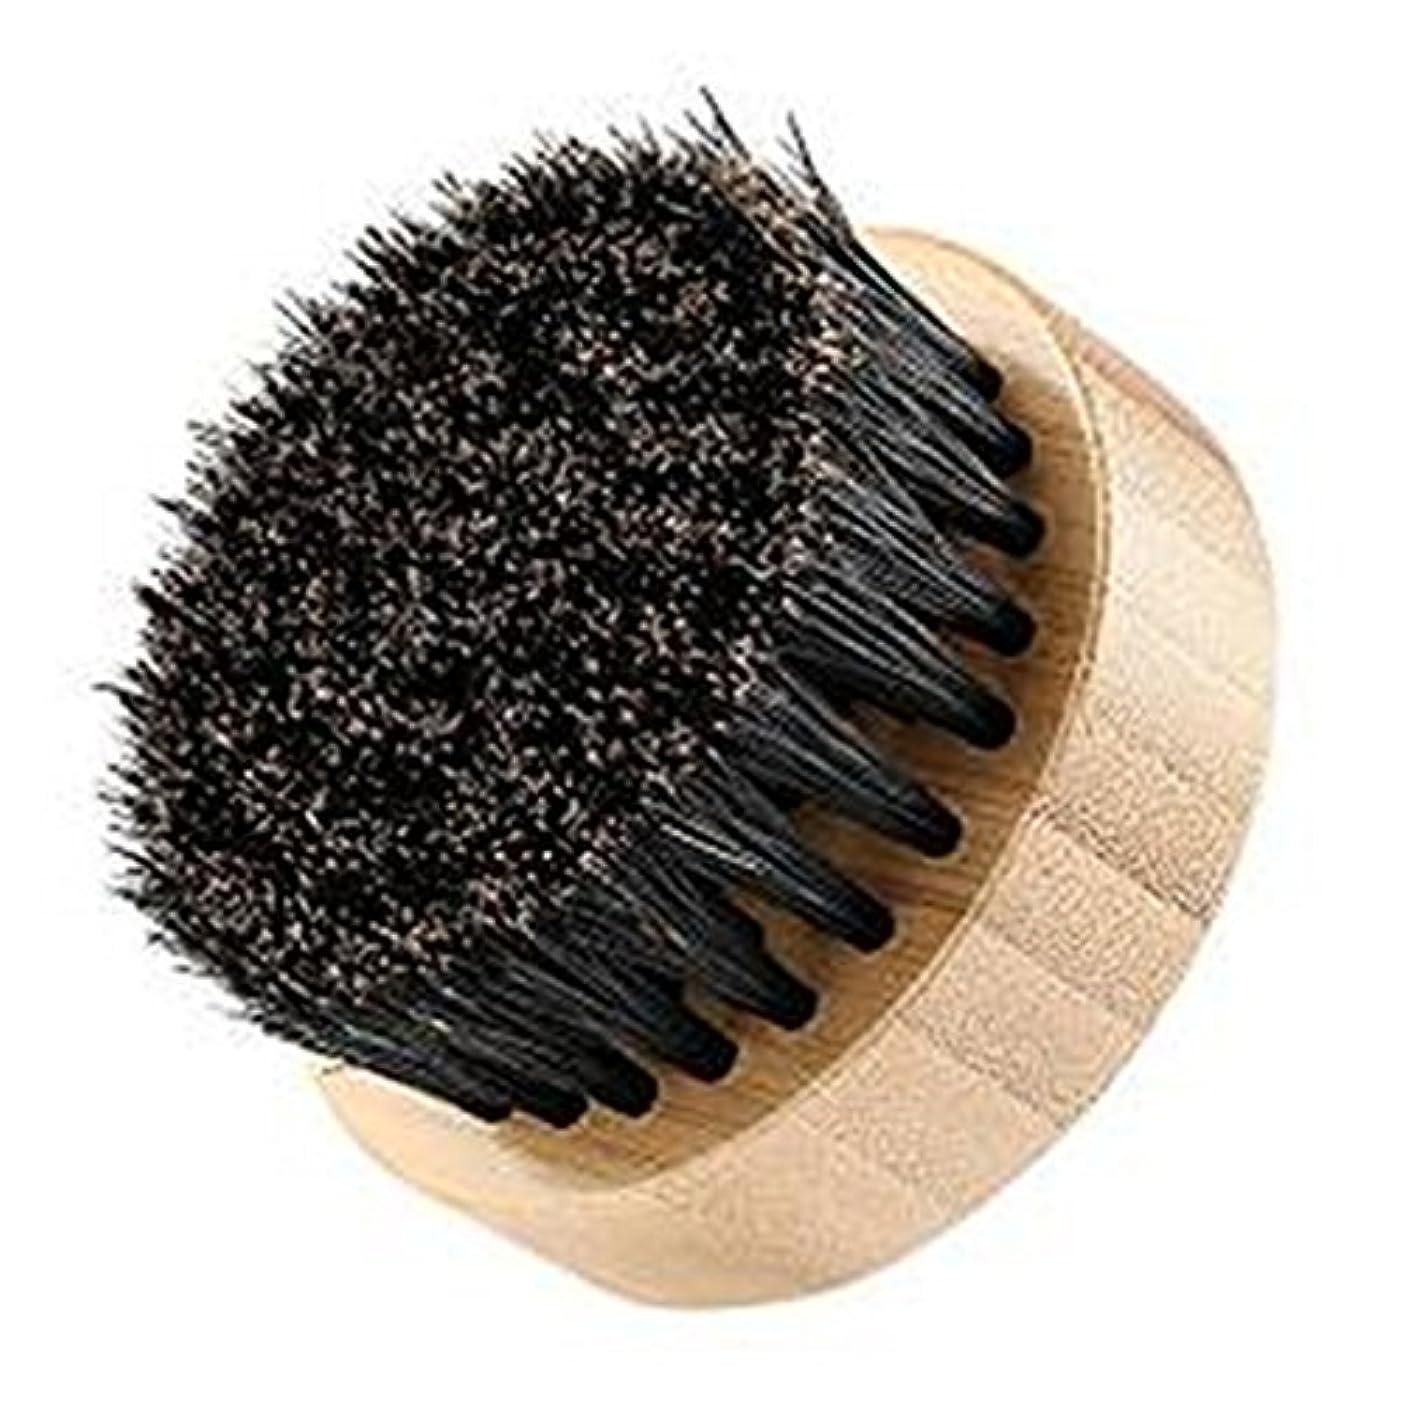 疎外不安定強度LUXWELL(ラクスウェル) ブラシ 100% 豚毛ブラシ 天然木 髭ブラシ FH-130